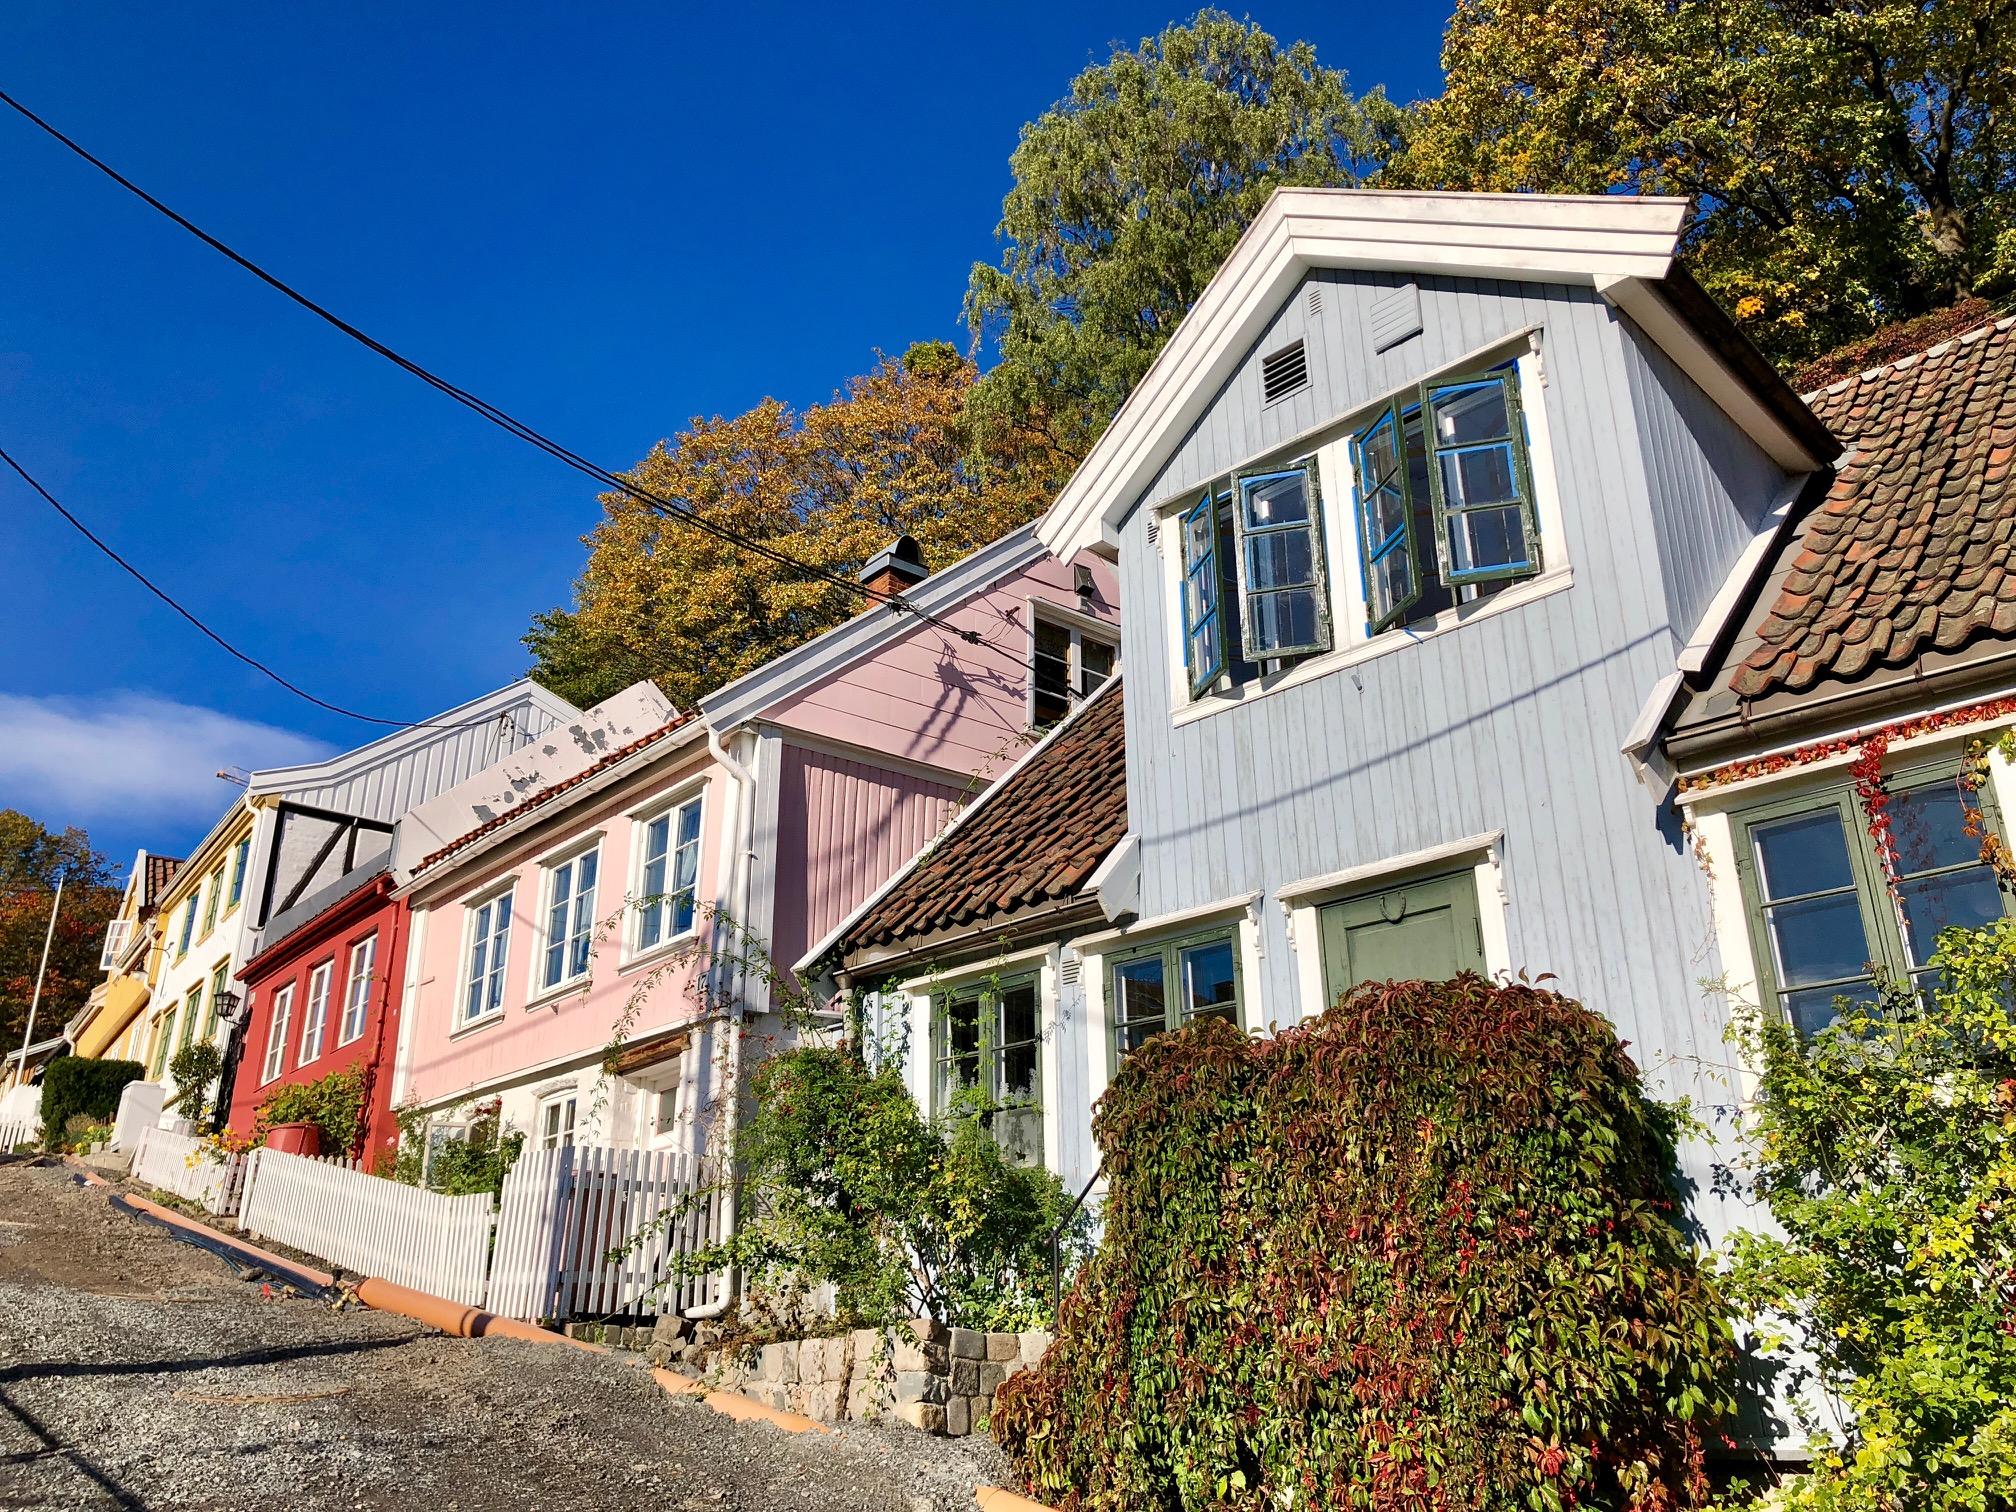 Les façades des petites maisons traditionnelles de Damstredet /crédit photo JDL